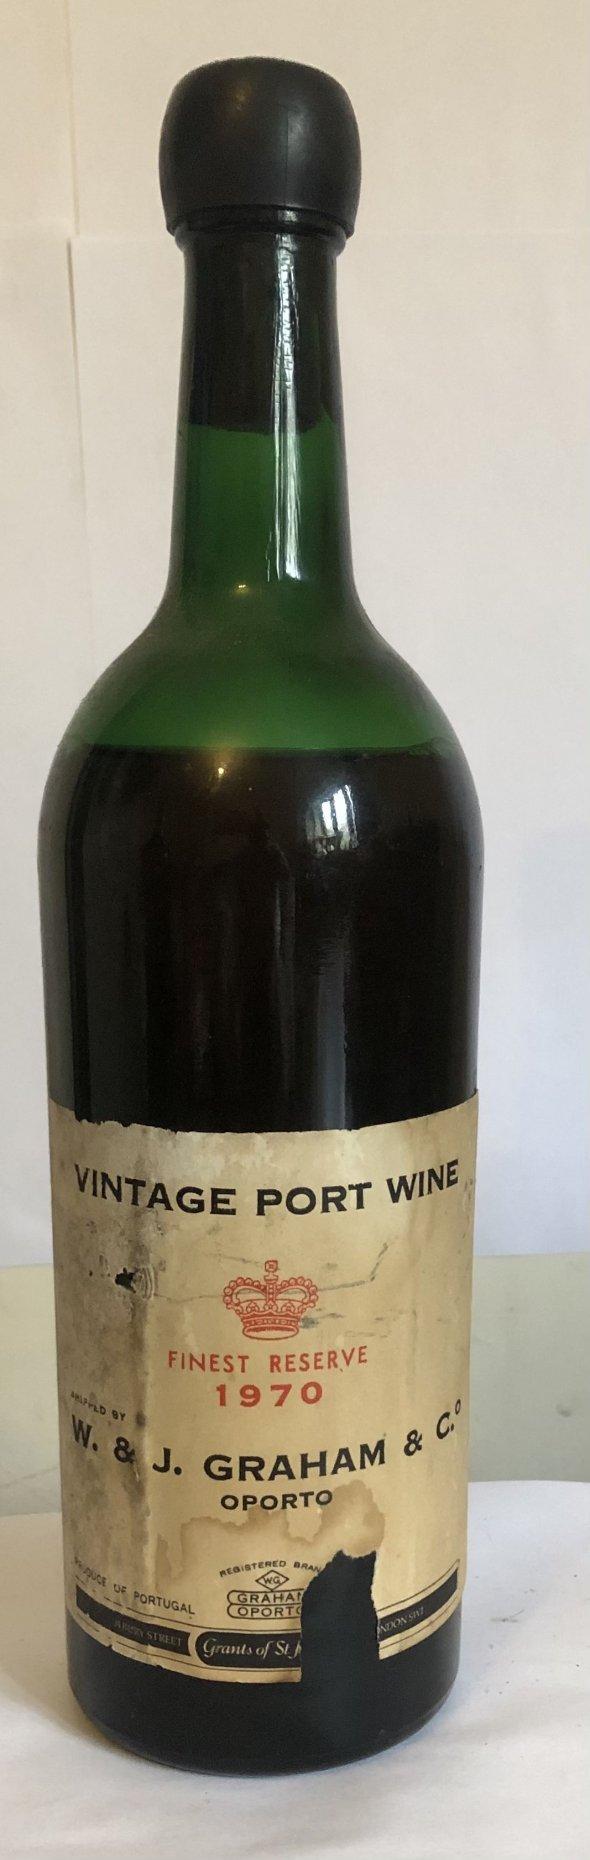 W&j Graham's vintage port 1970